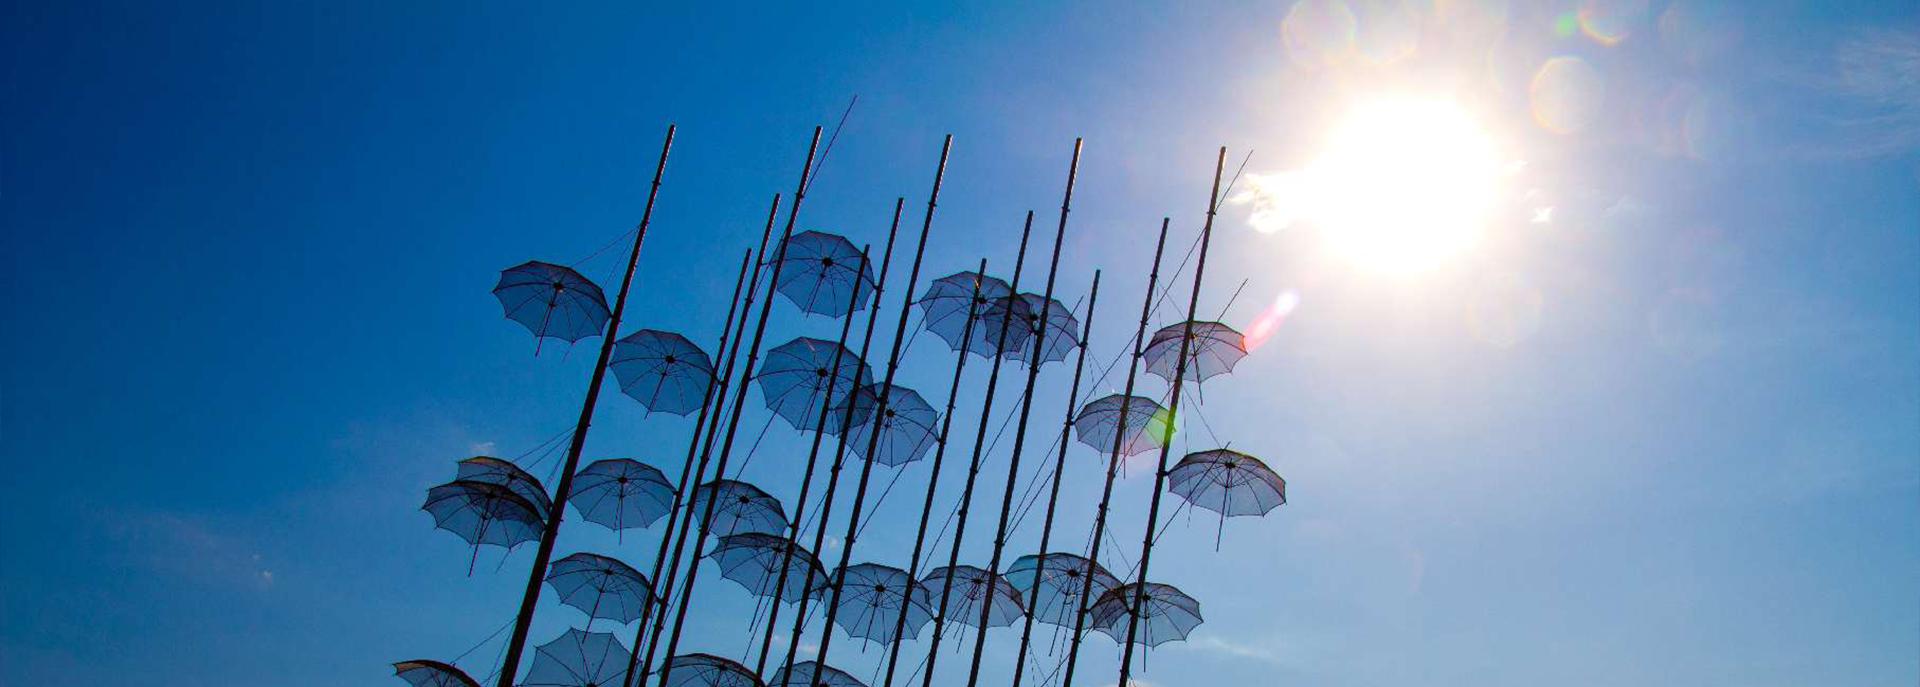 CSS2018 Ombrellas